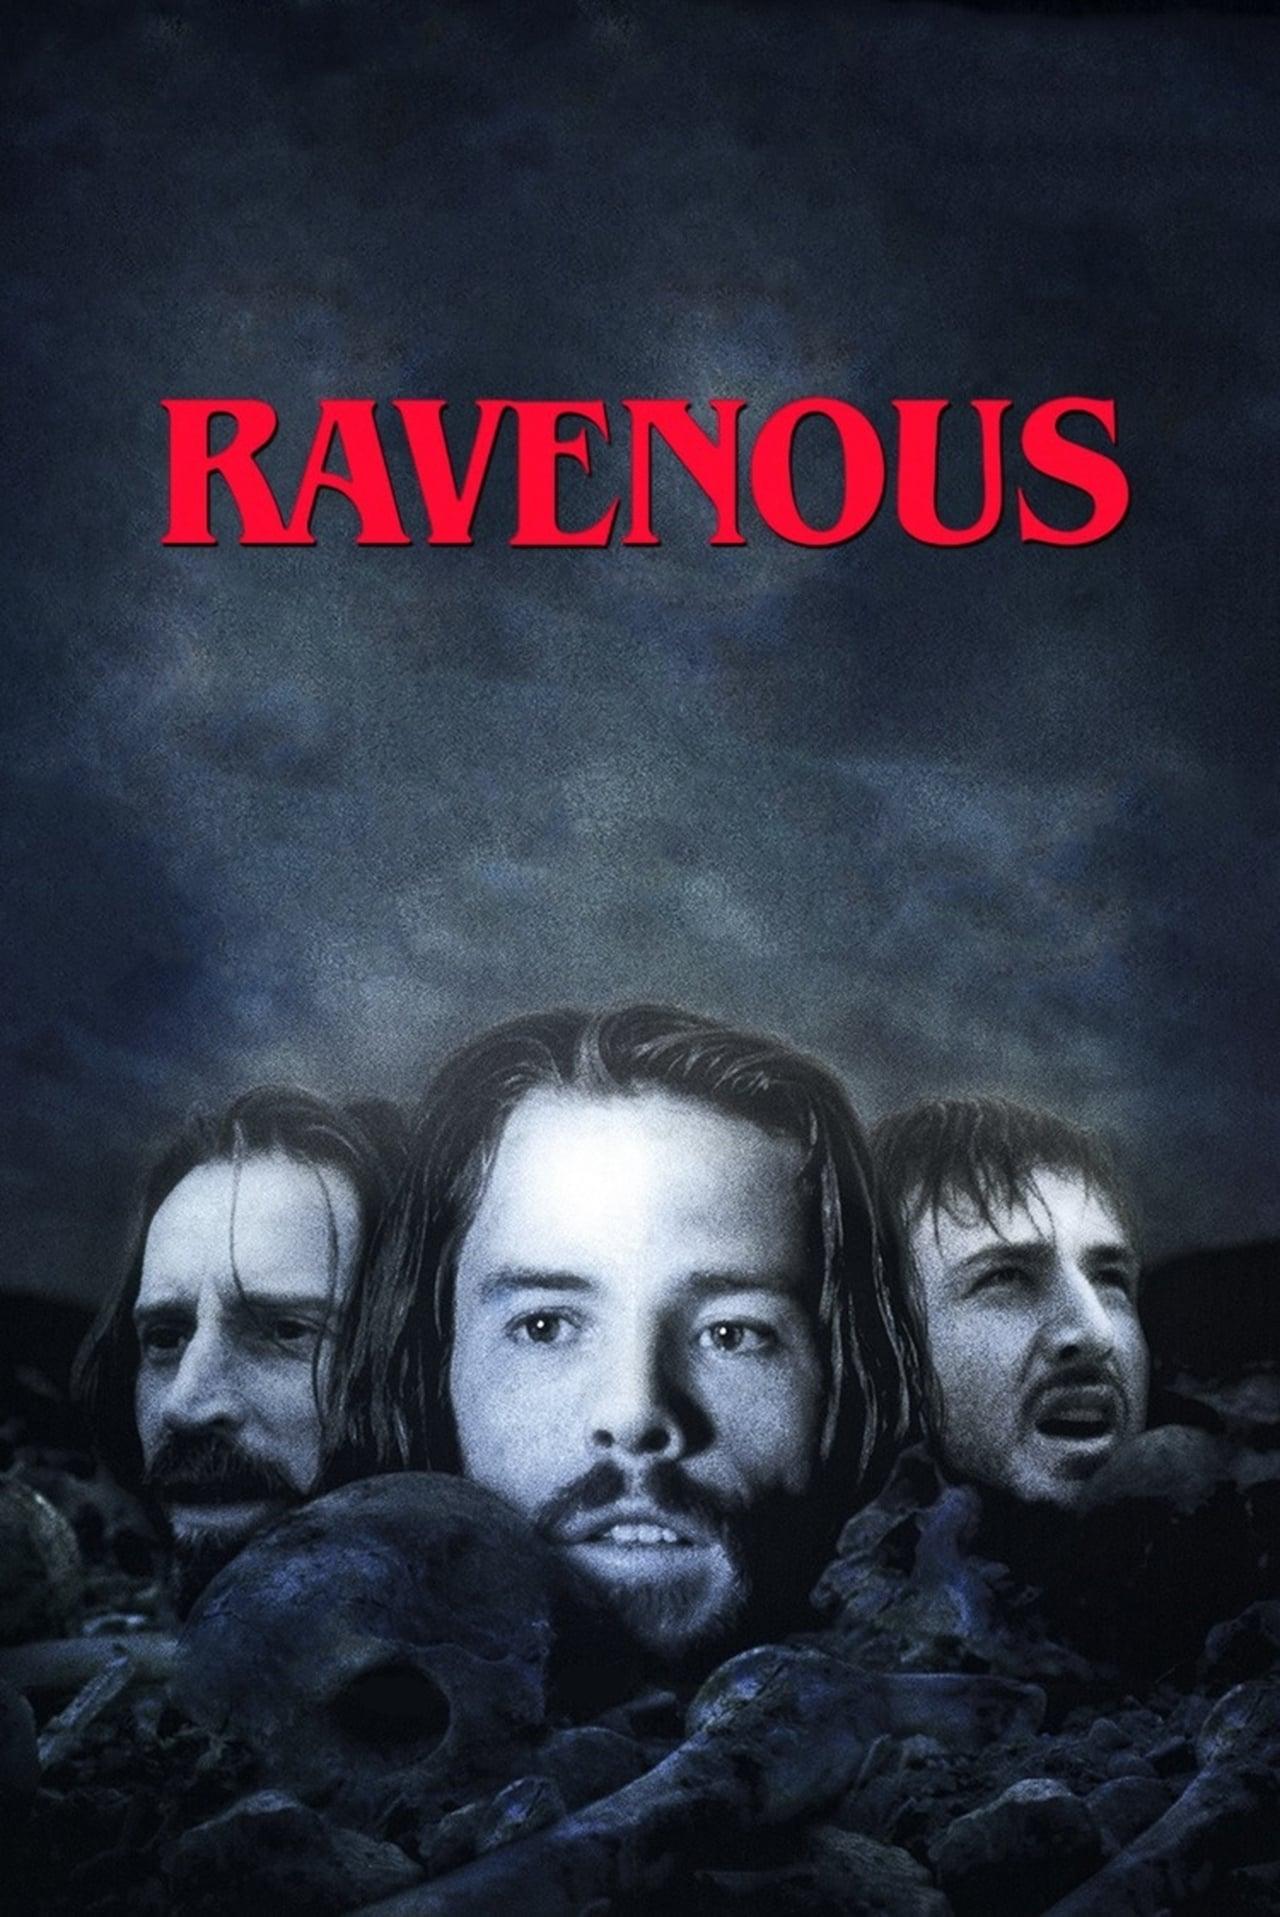 Ravenous